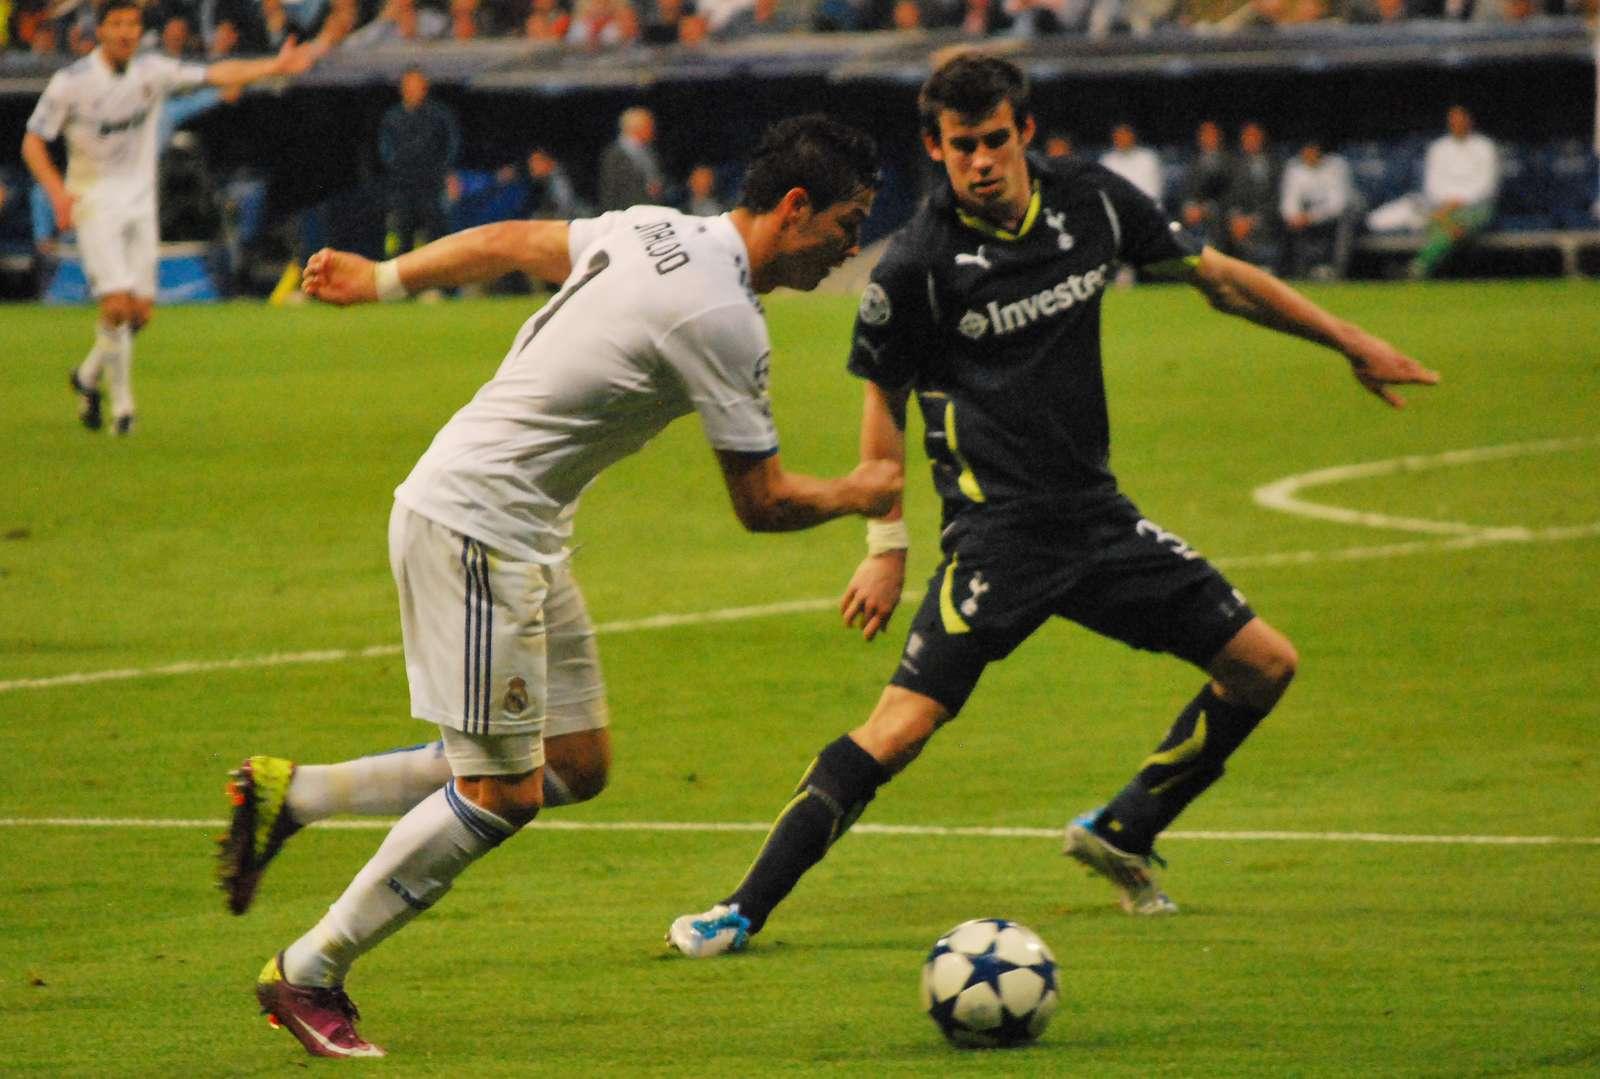 Ronaldo_Bale - Footballers